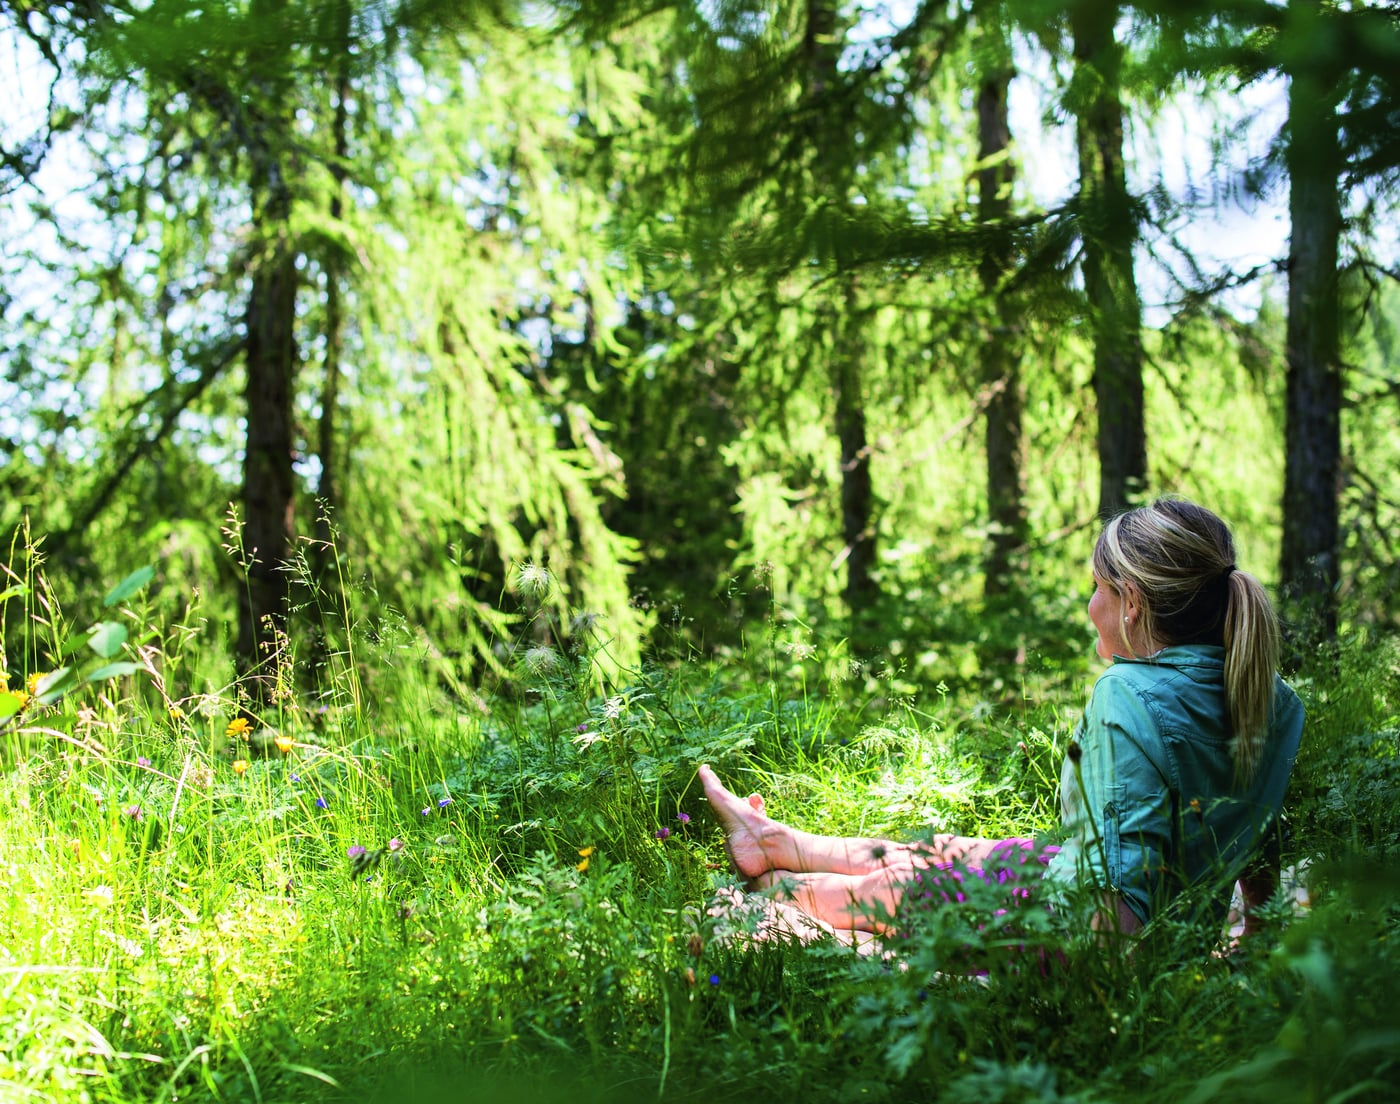 Il Bagno Nella Foresta Vivere Consapevolmente La Foresta Golserhof